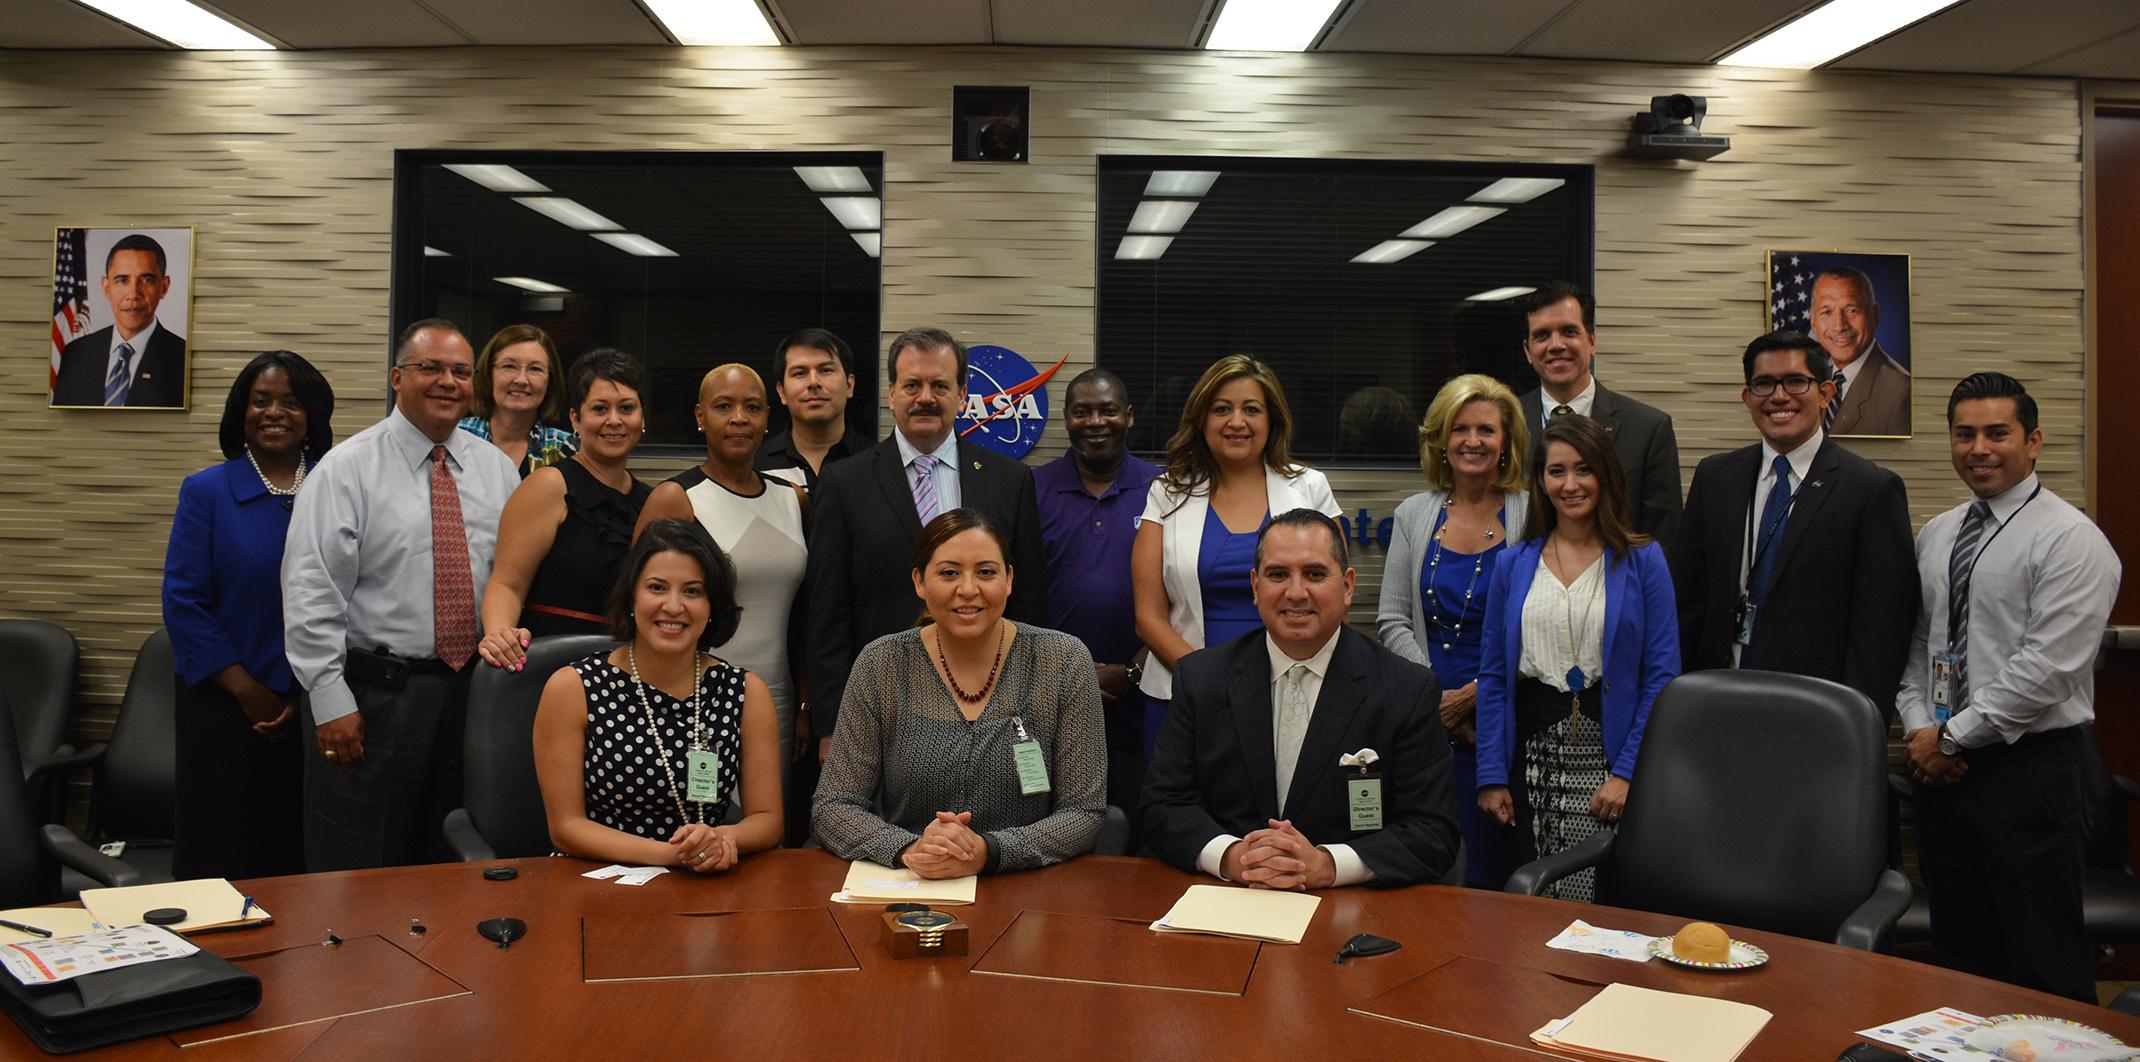 Estrecha cooperación Agencia Espacial Mexicana con grupo hispano de NASA para impulsar educación espacial